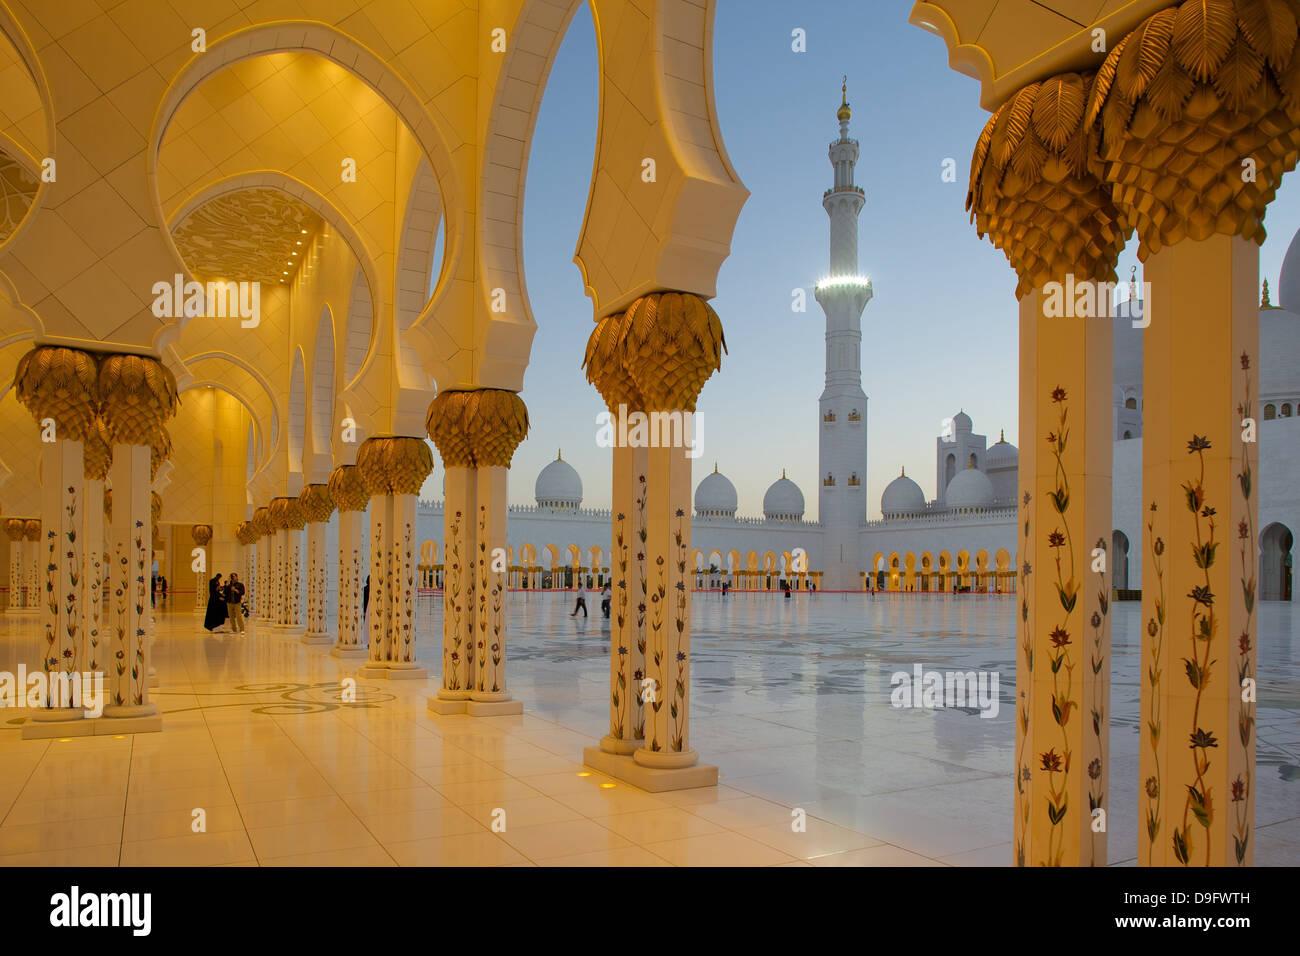 Scheich Zayed Bin Sultan Al Nahyan Mosque bei Dämmerung, Abu Dhabi, Vereinigte Arabische Emirate, Naher Osten Stockbild